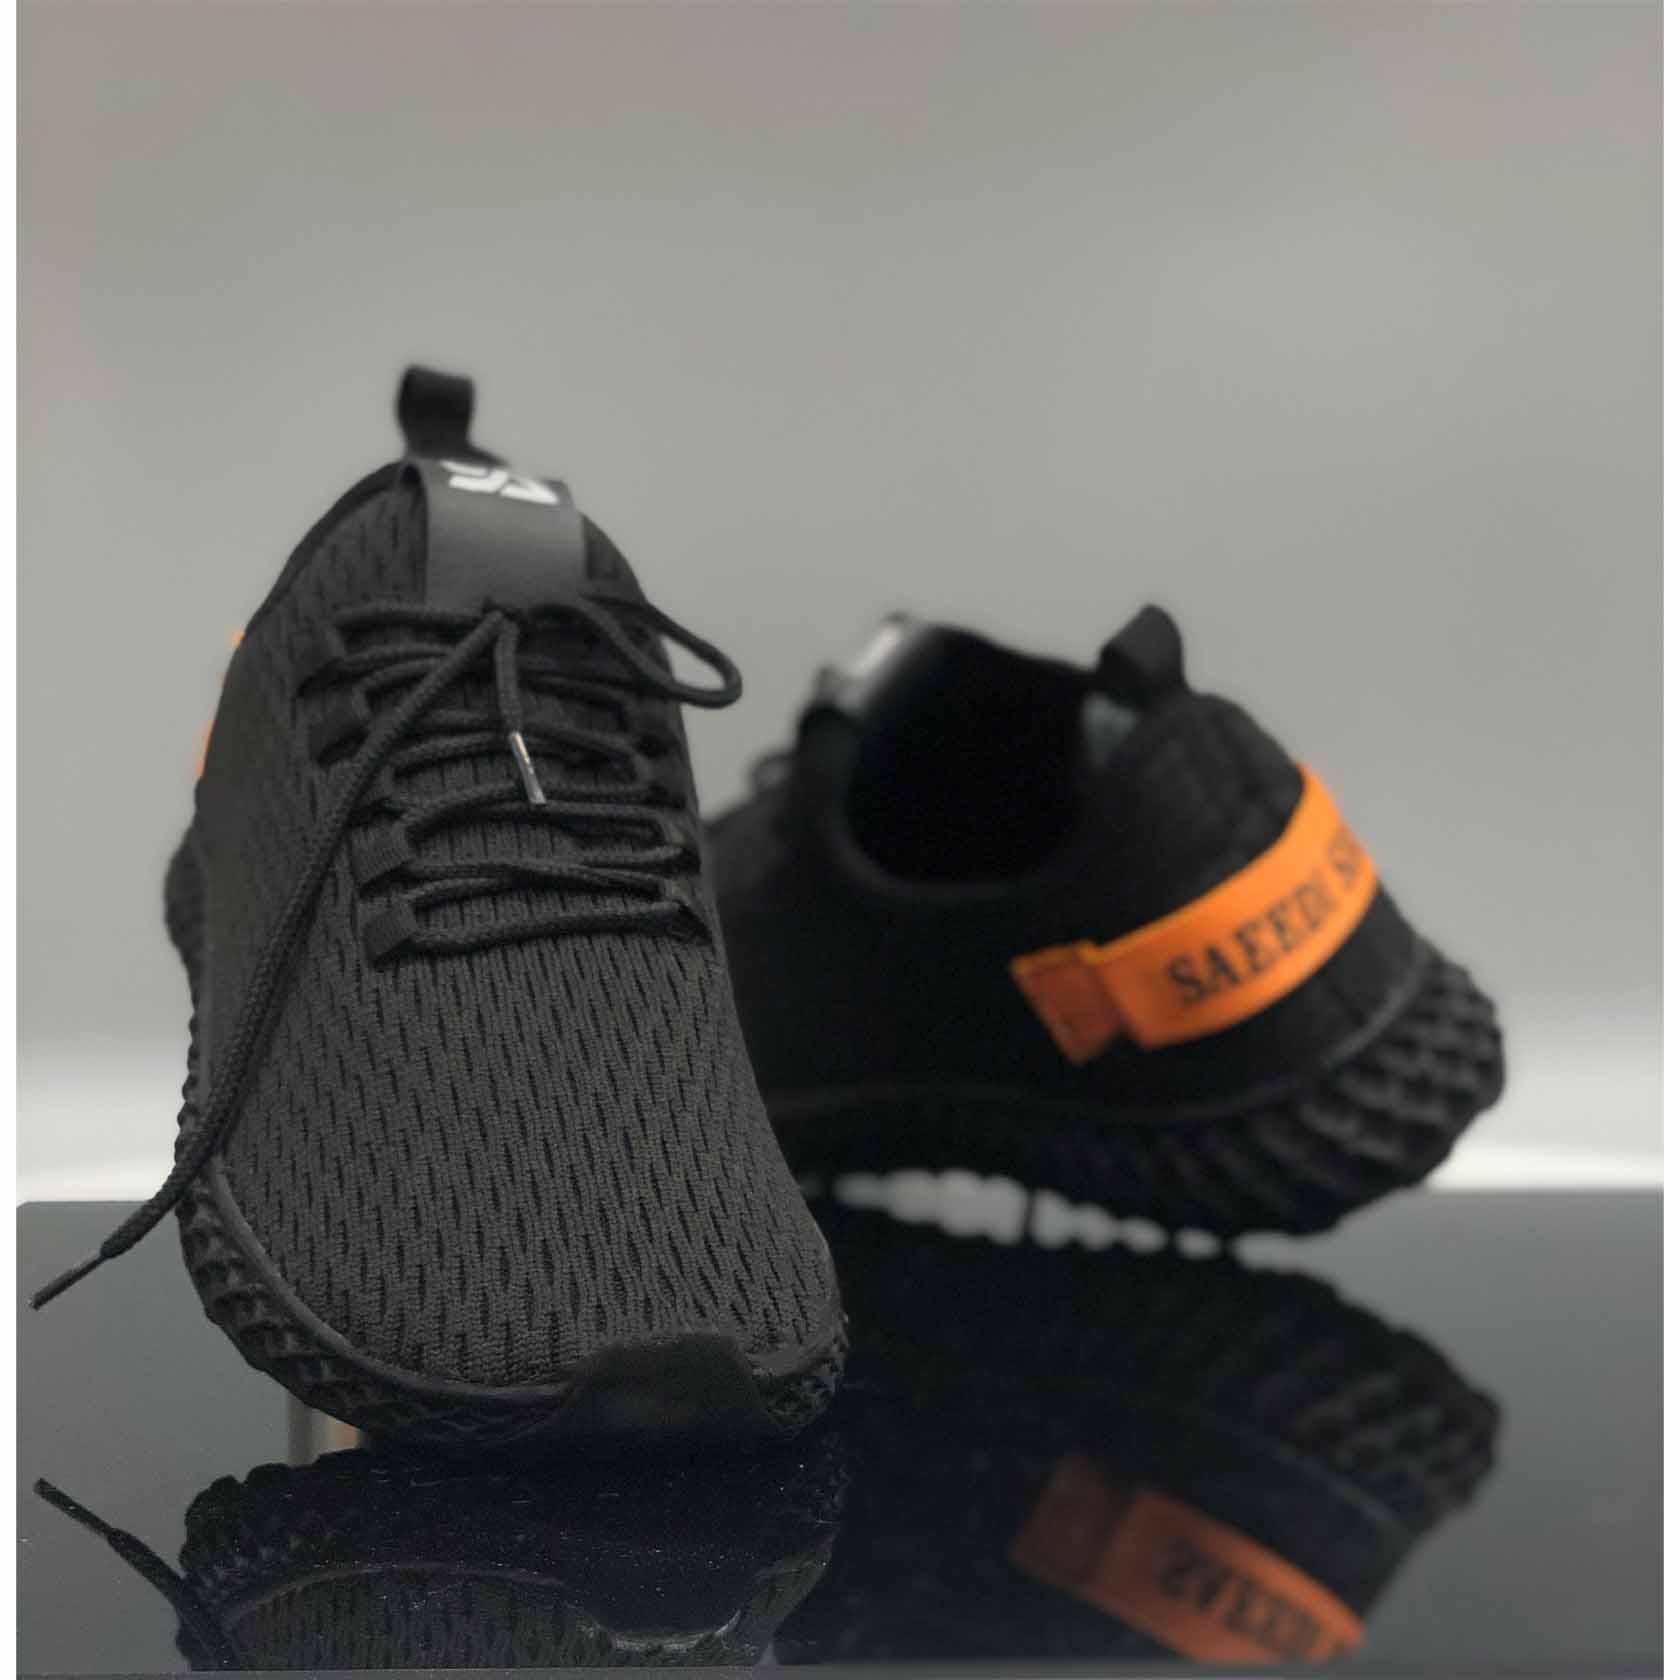 کفش مخصوص پیاده روی سعیدی کد Sa 304 main 1 3